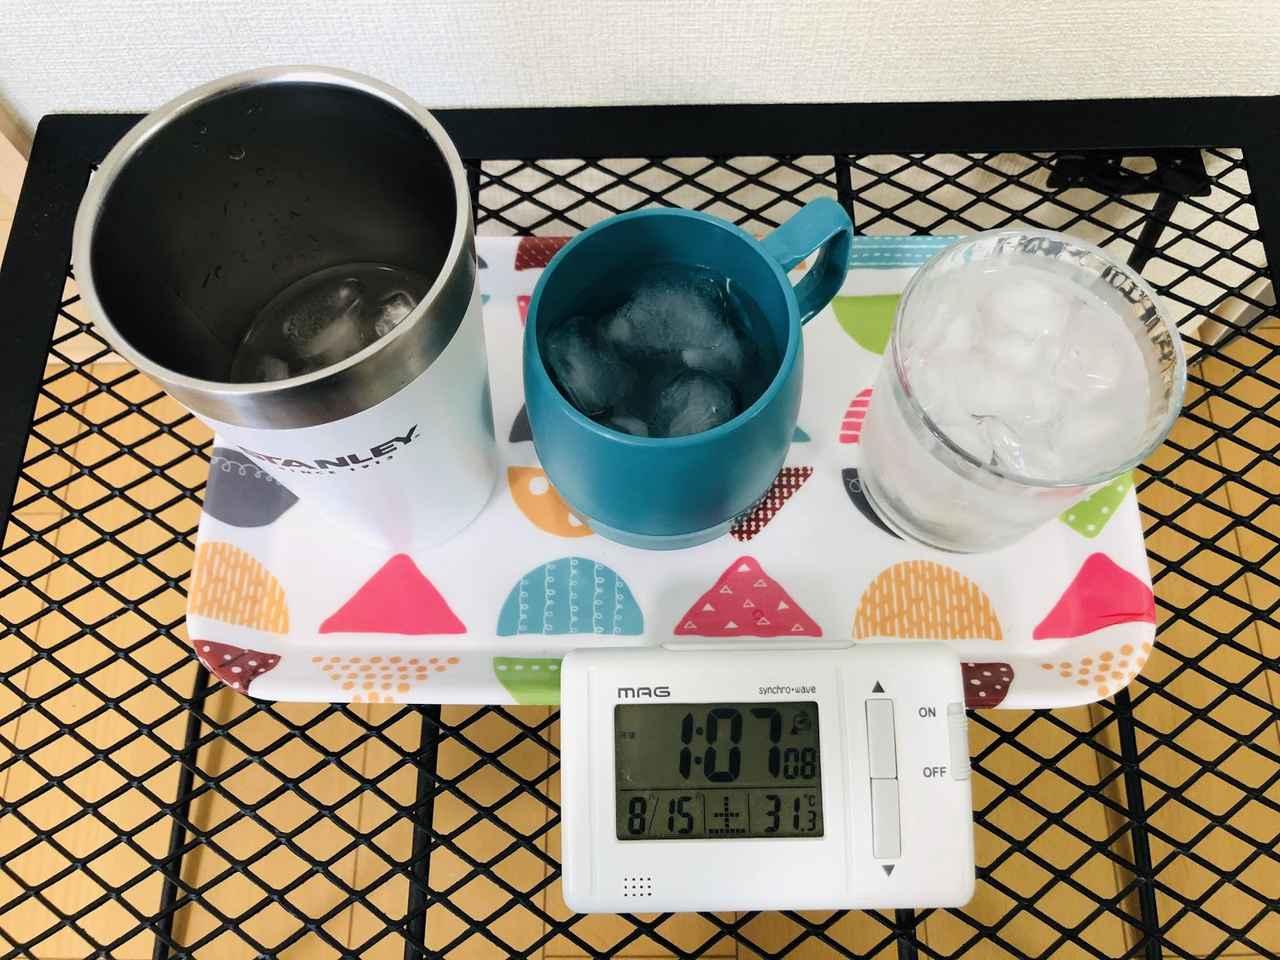 画像: 筆者撮影 ※別部屋から持ってきたばかりの室温計だったので、室温が高く表示されています